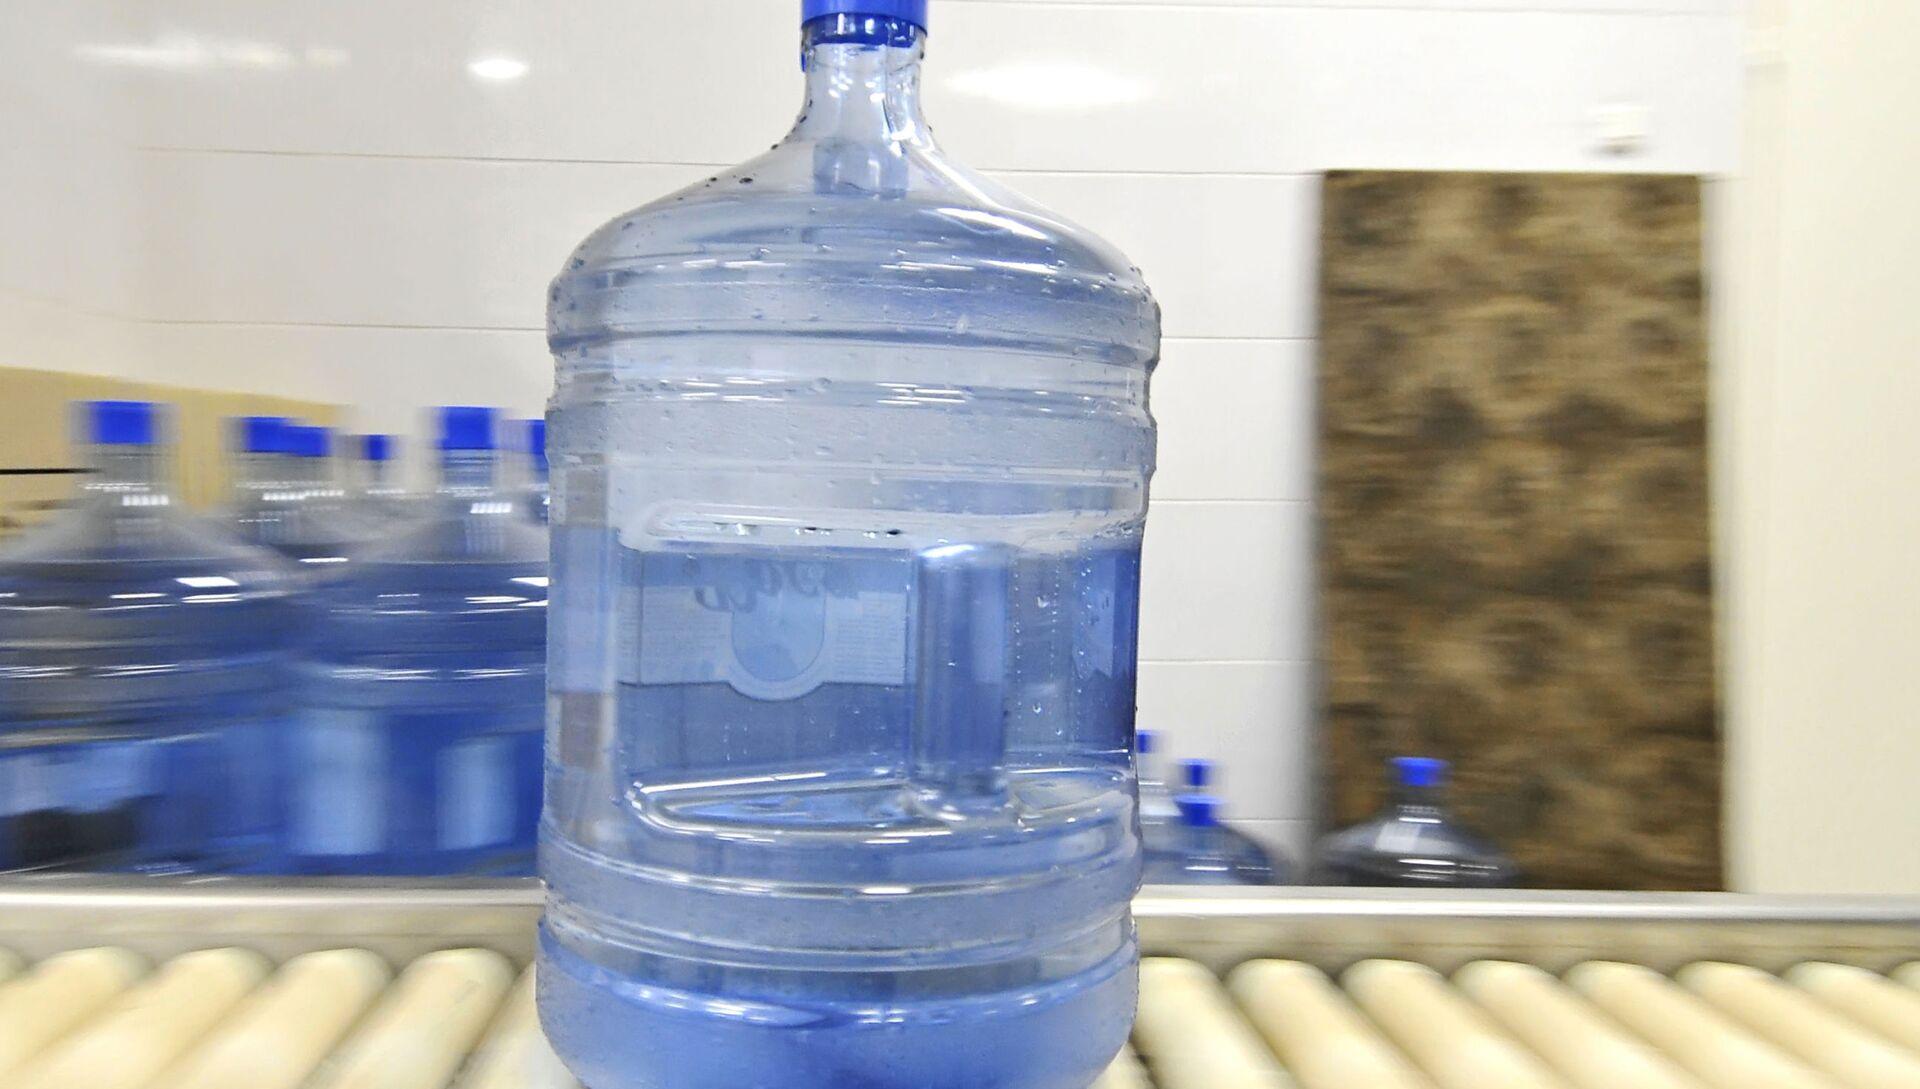 Производство питьевой воды. Архивное фото - РИА Новости, 1920, 22.09.2020